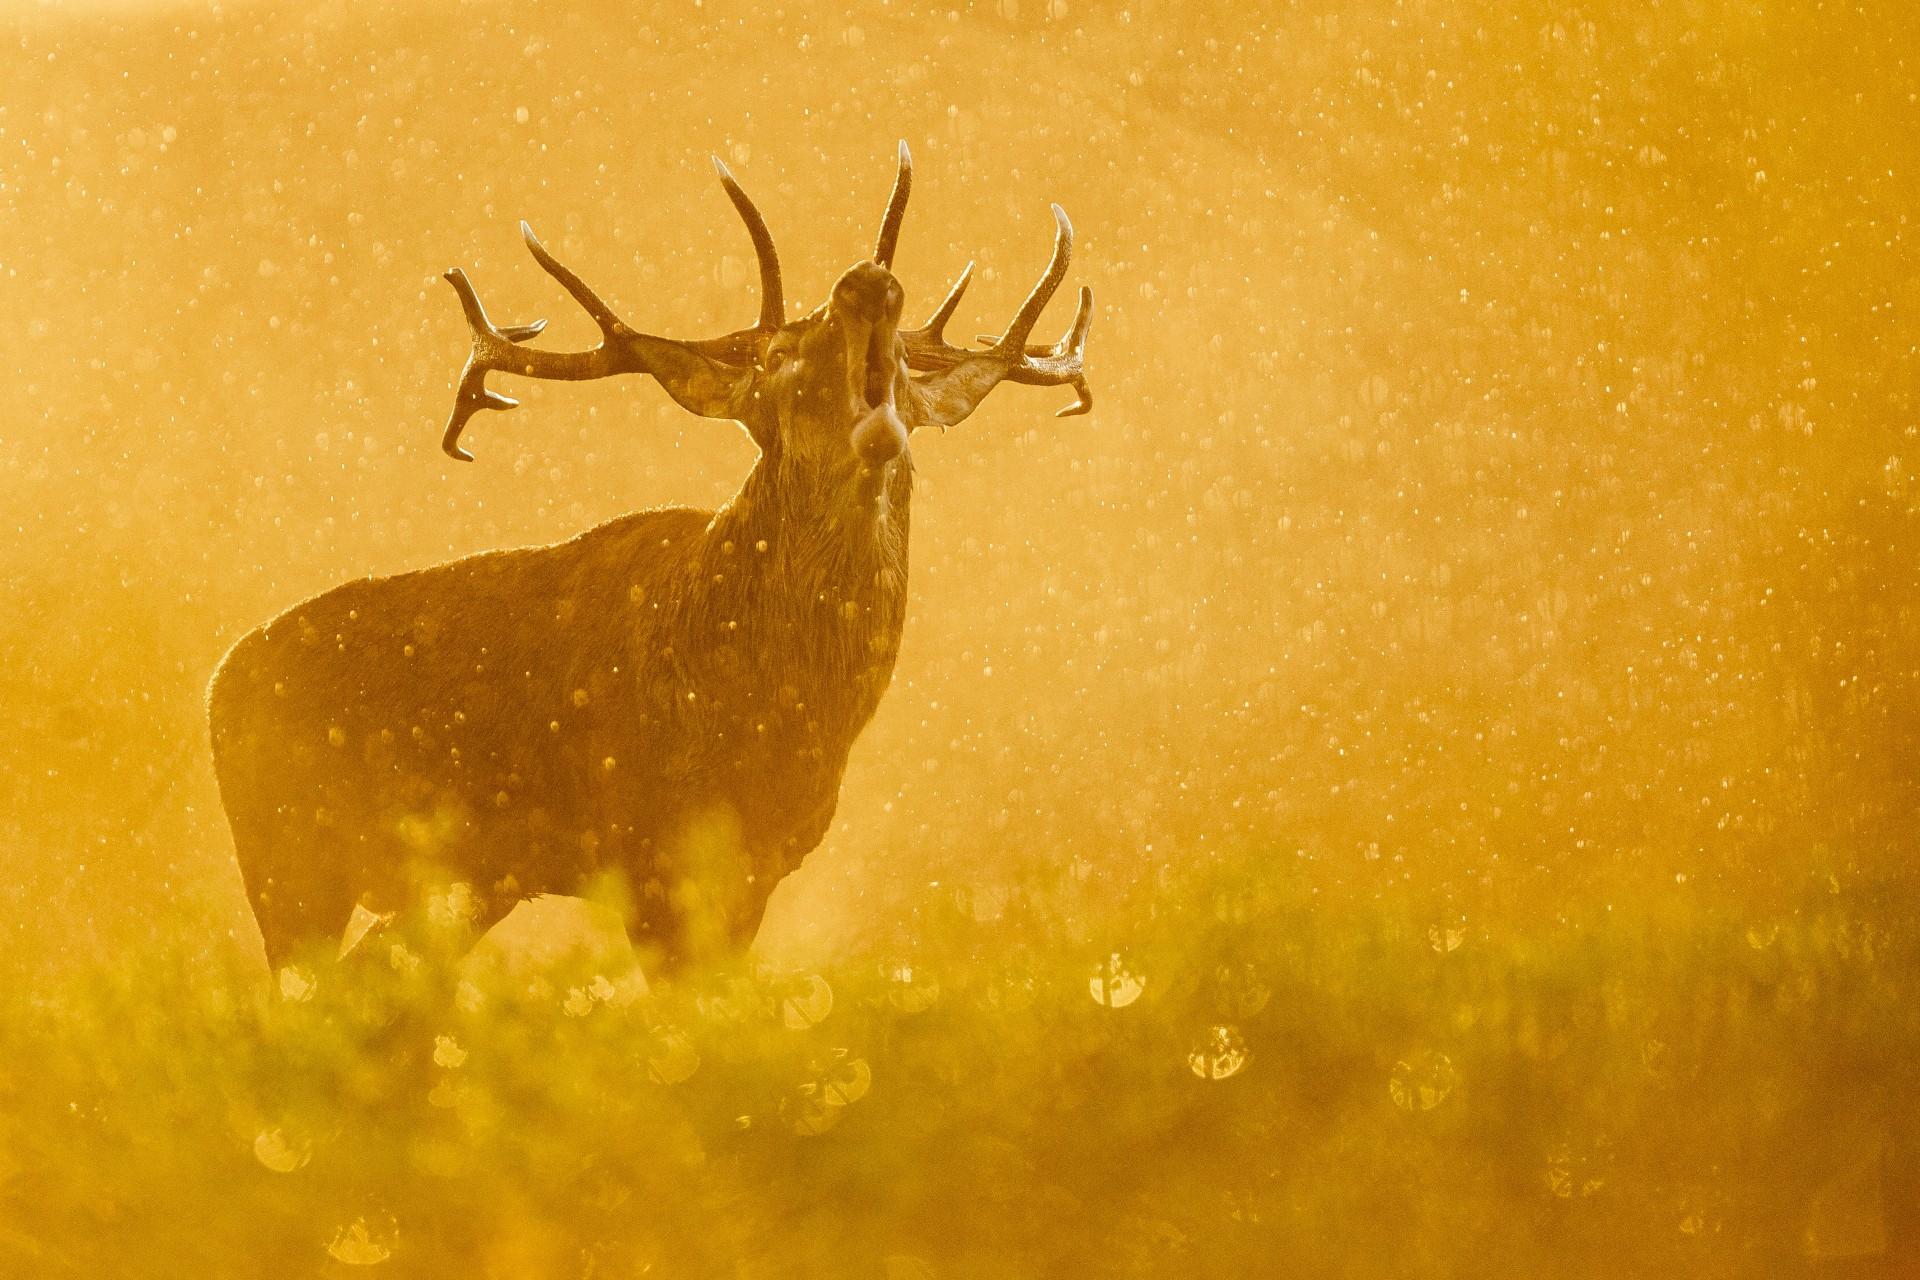 Fotó: Hogya István: Ének az esőben<br />Kategória: Az emlősök viselkedése<br />Helyezés: 2. díj<br /><br />A dombtetőn álló szarvasbika bőg a szakadó esőben, miközben megvilágítja a naplemente aranyló fénye. E szeptember esti fotózás nem indult túl fényesen. Az előre kiszemelt helyen vadásztak, így módosítani kellett a tervet. Majd jött egy hatalmas peremfelhő és egy órán keresztül szakadt az eső. Közben hallottam pár bőgést, és elindultam abba az irányba. Az erdőből kitekintve egy ágvéget vettem észre a domb aljában és nagy örömömre, a szarvas épp felém haladt! Szívem a torkomban, közben szakadt az eső és imádkoztam, hogy bőgje el magát a domb tetején. És megtörtént! A párás, esős keresőben csak egy homályos alakot látam, de visszanézve a kijelzőn ez a látvány fogadott!